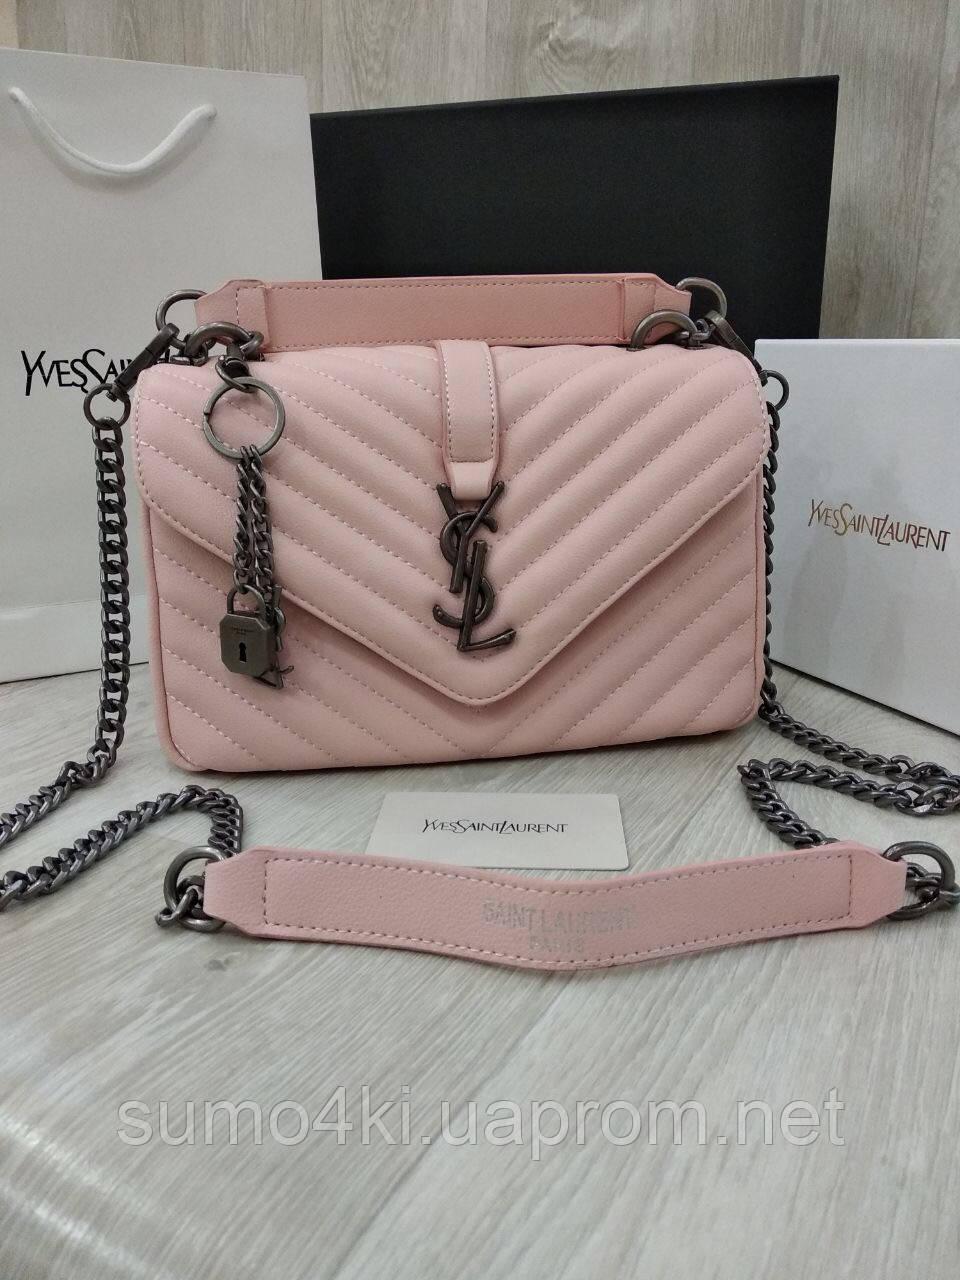 6e33c14401f6 Женская стильная маленькая сумка Yves Saint Laurent YSL - Интернет-магазин  «Галерея Сумок»